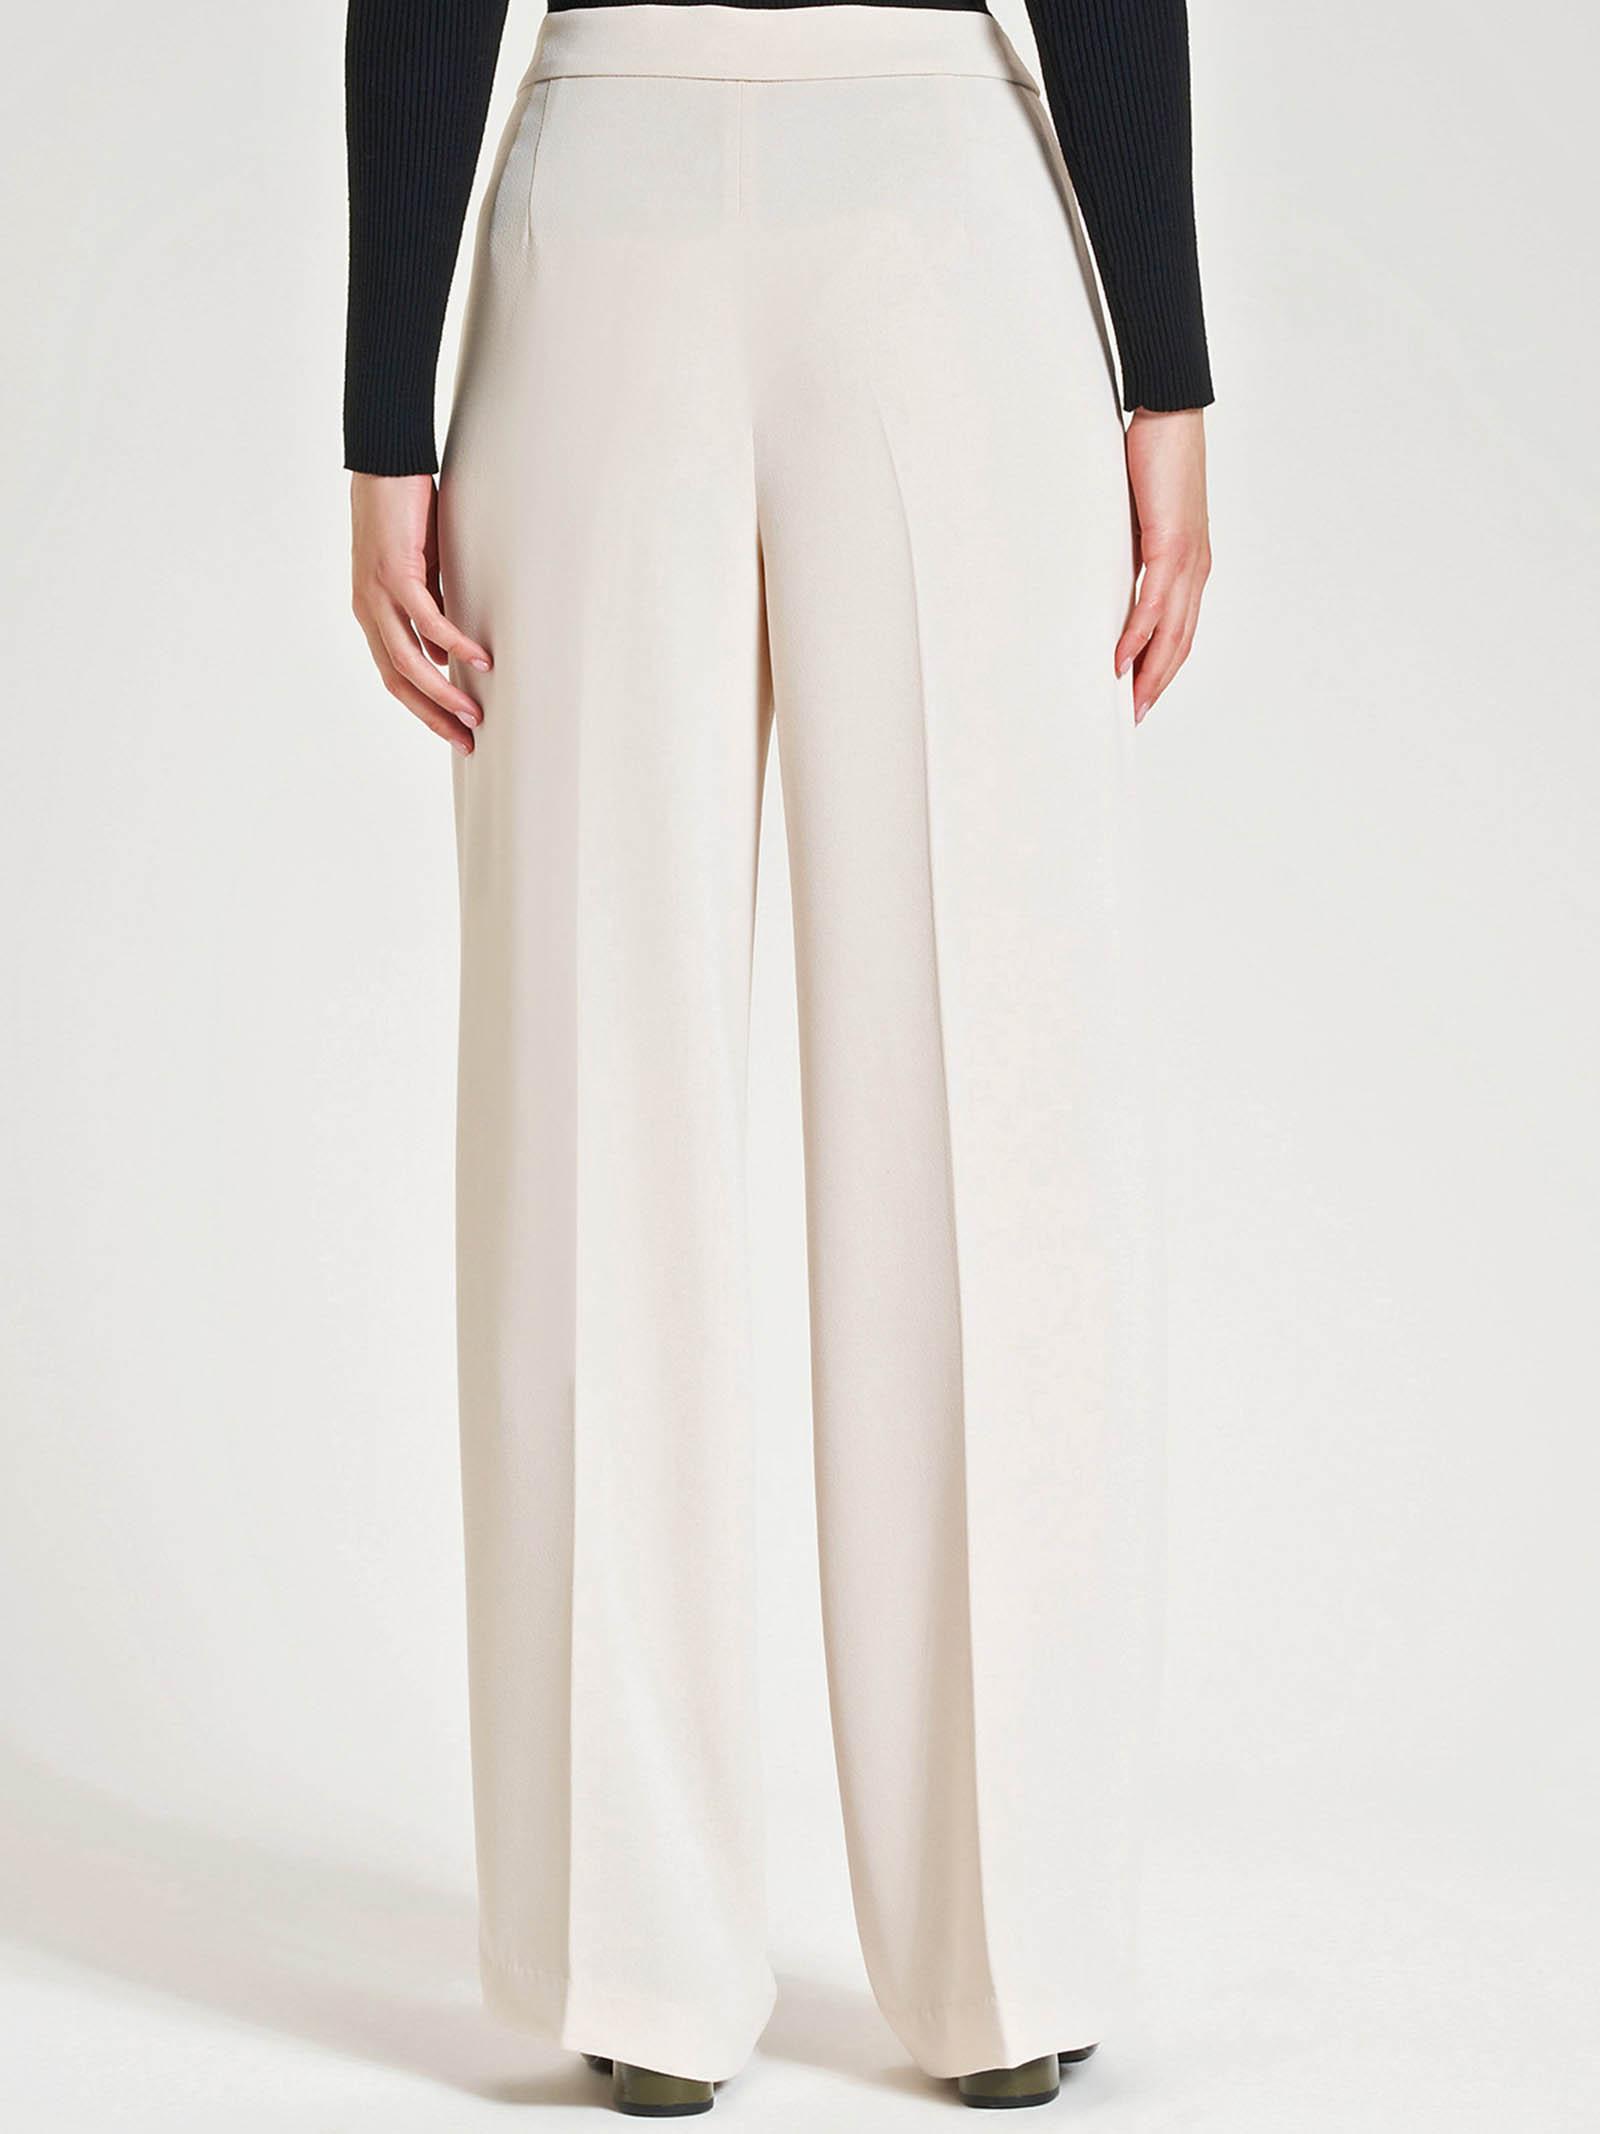 Abbigliamento Donna Pantalone Sablè in Sablè Crepe Avorio con Piega Stirata e Tasche alla Francese Maliparmi   Gonne e Pantaloni   JH73855016610003